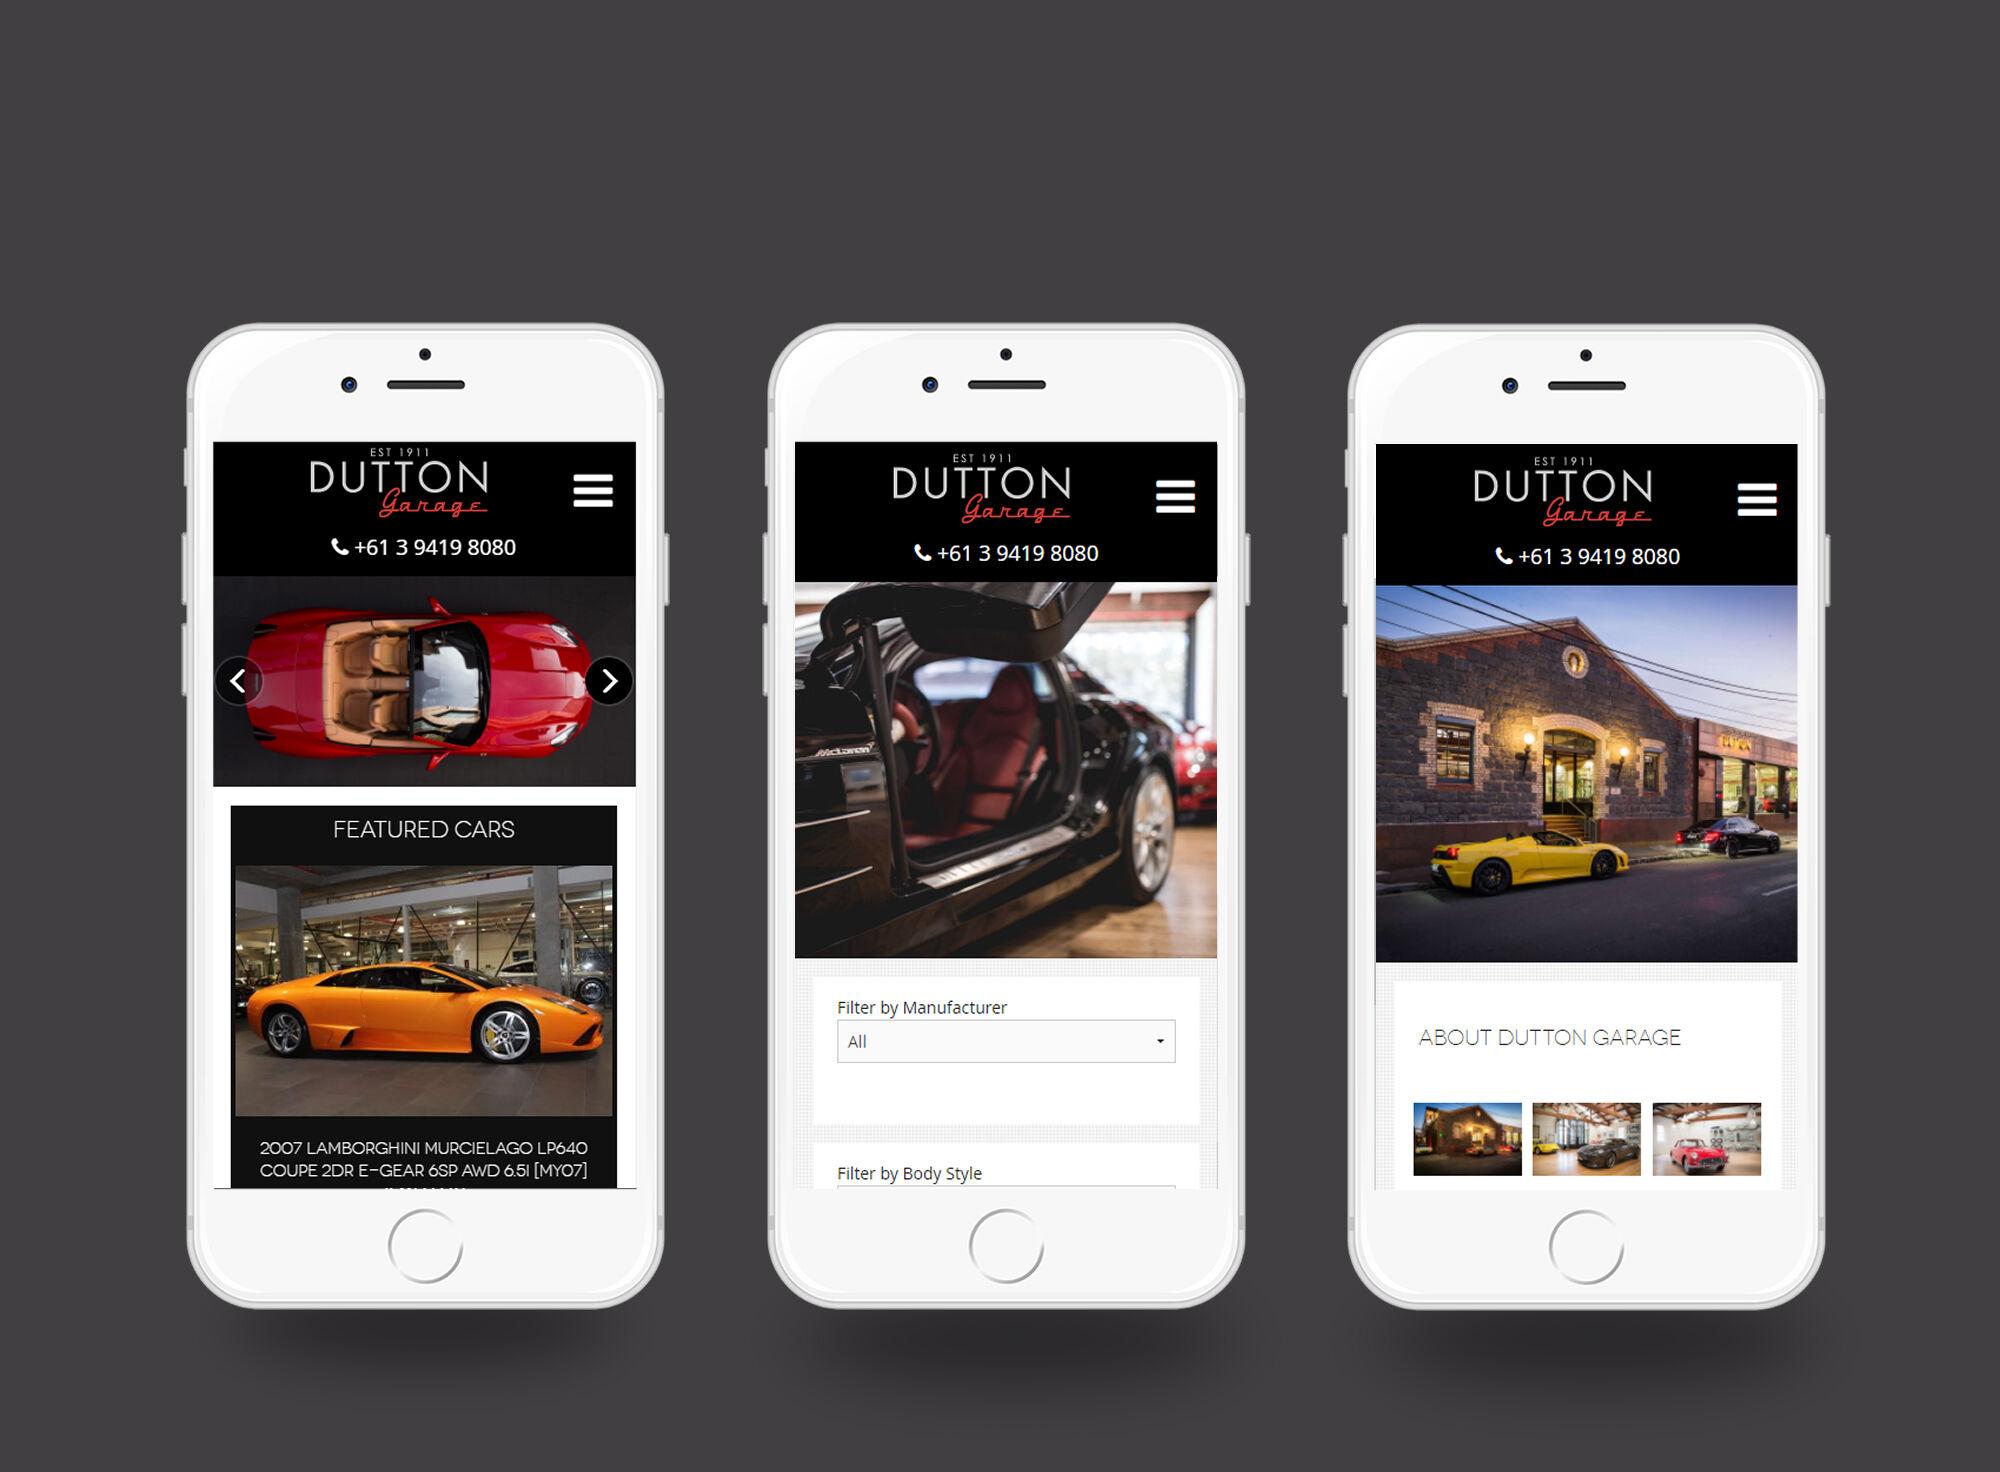 Dutton Garage Mobile